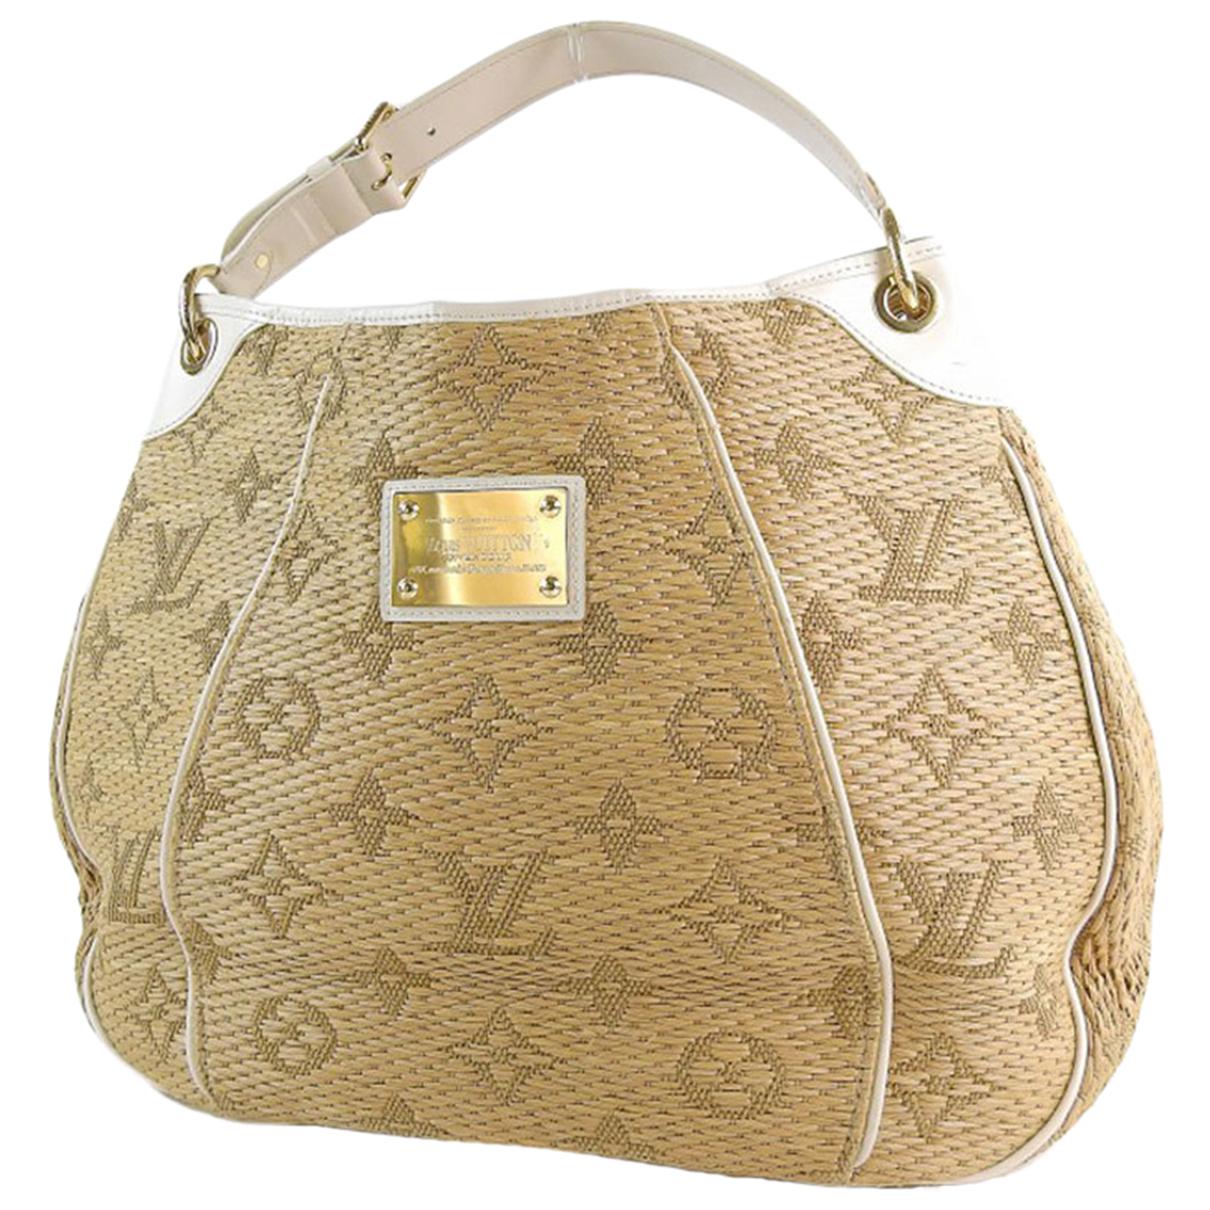 Louis Vuitton Galliera Handtasche in  Beige Stroh